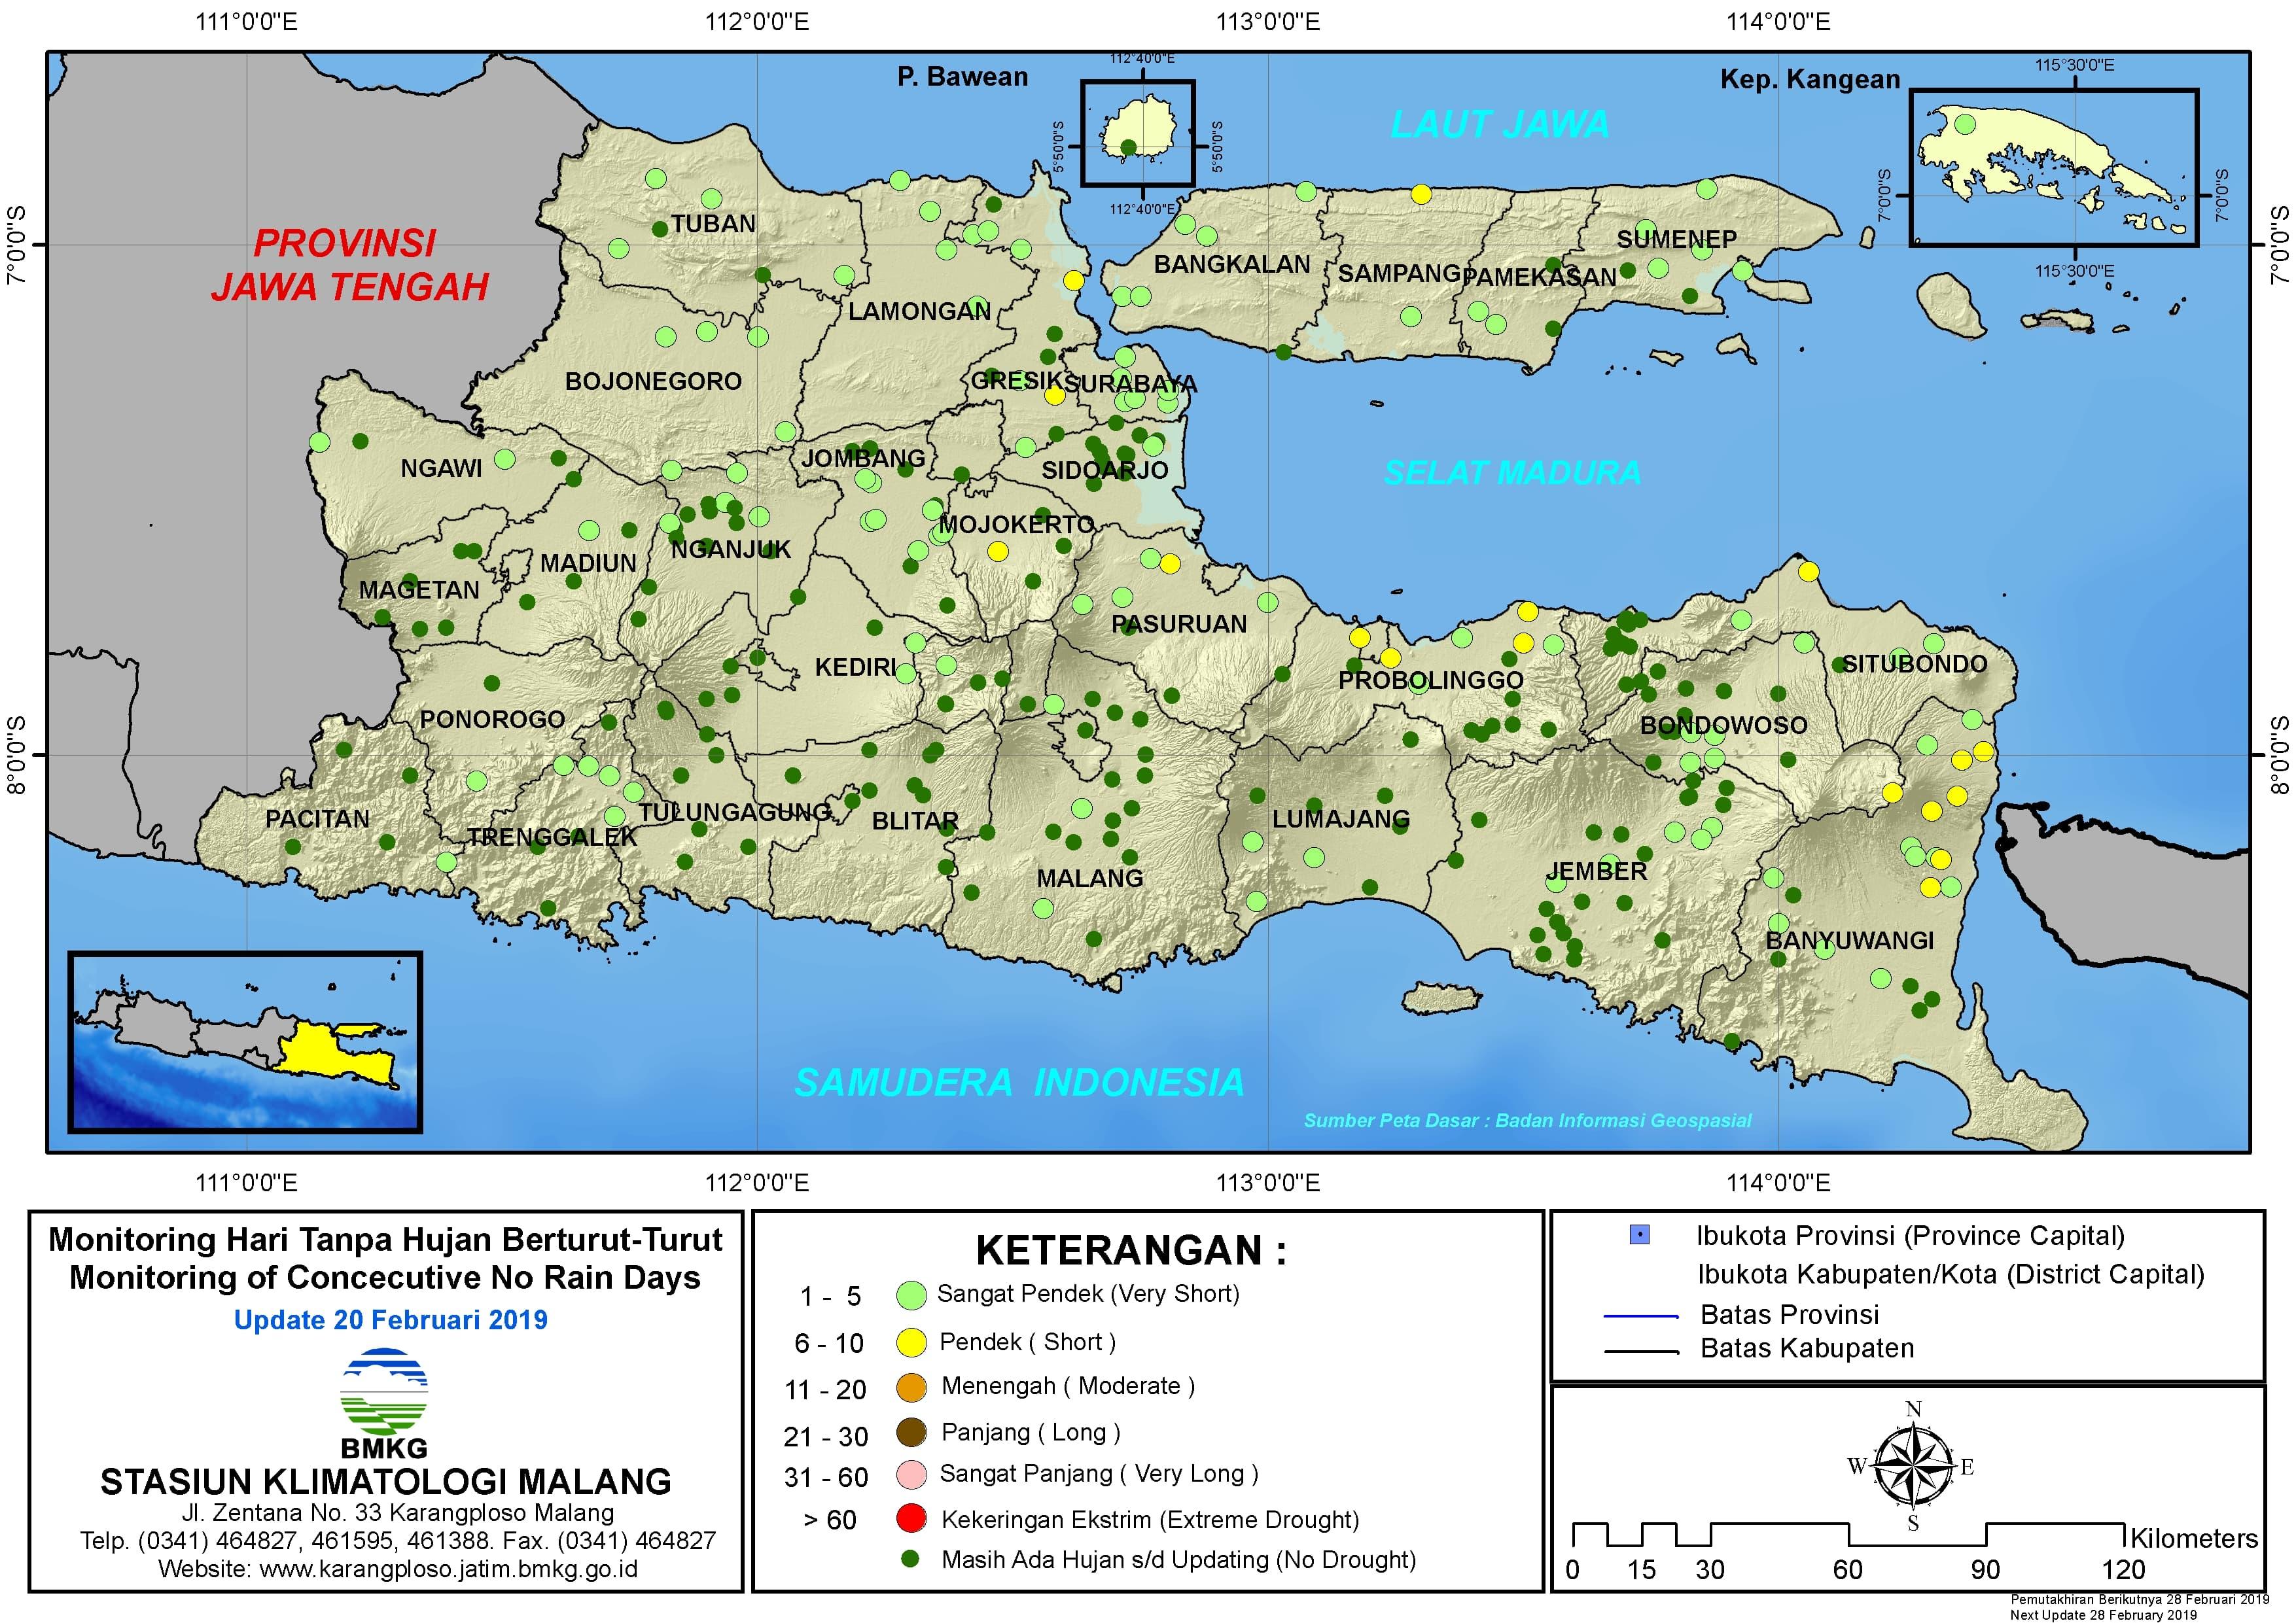 Peta Monitoring Hari Tanpa Hujan Berturut Turut Update 20 Februari 2019 di Provinsi Jawa Timur